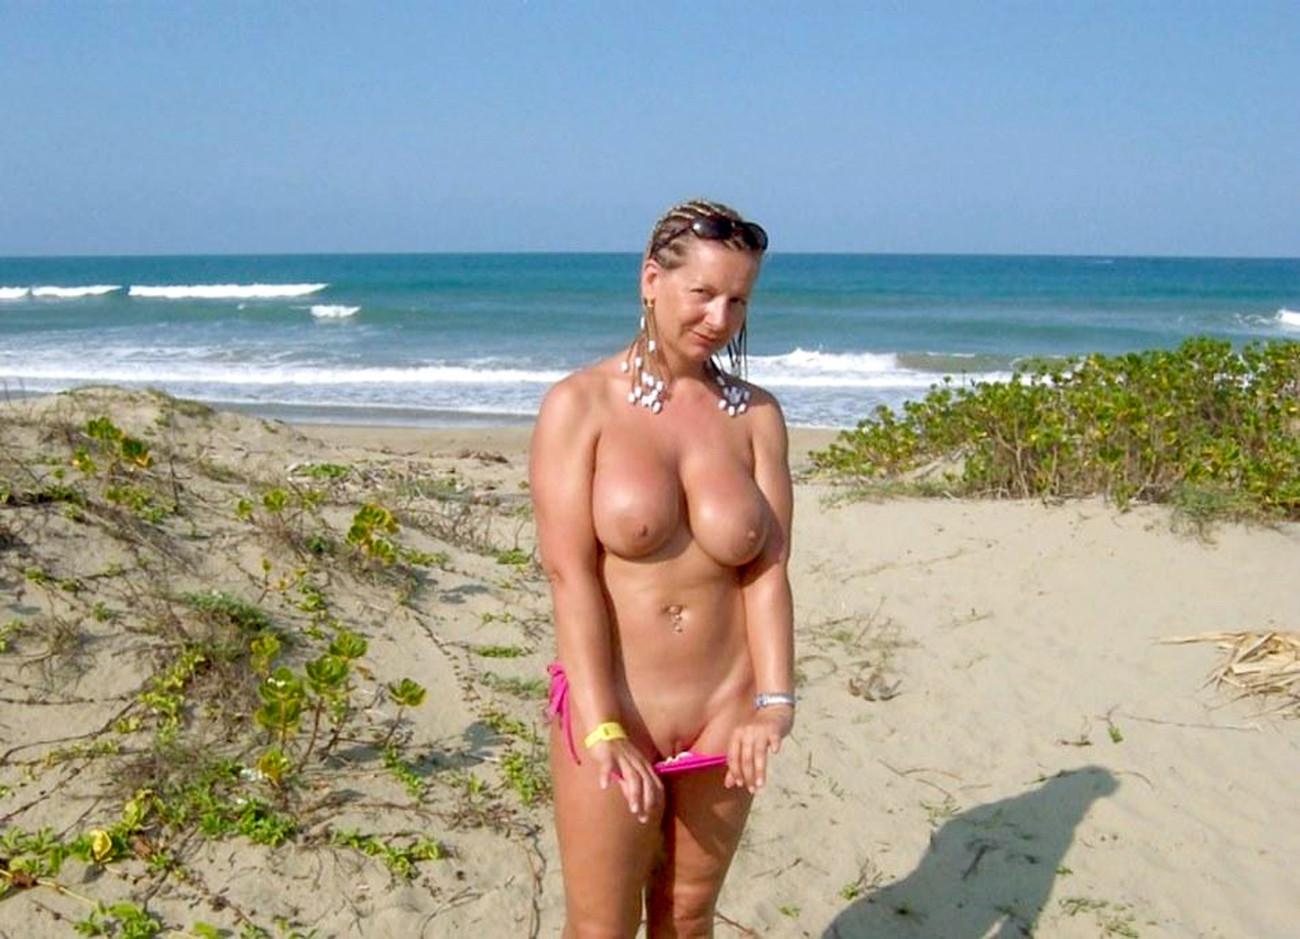 Strand sex